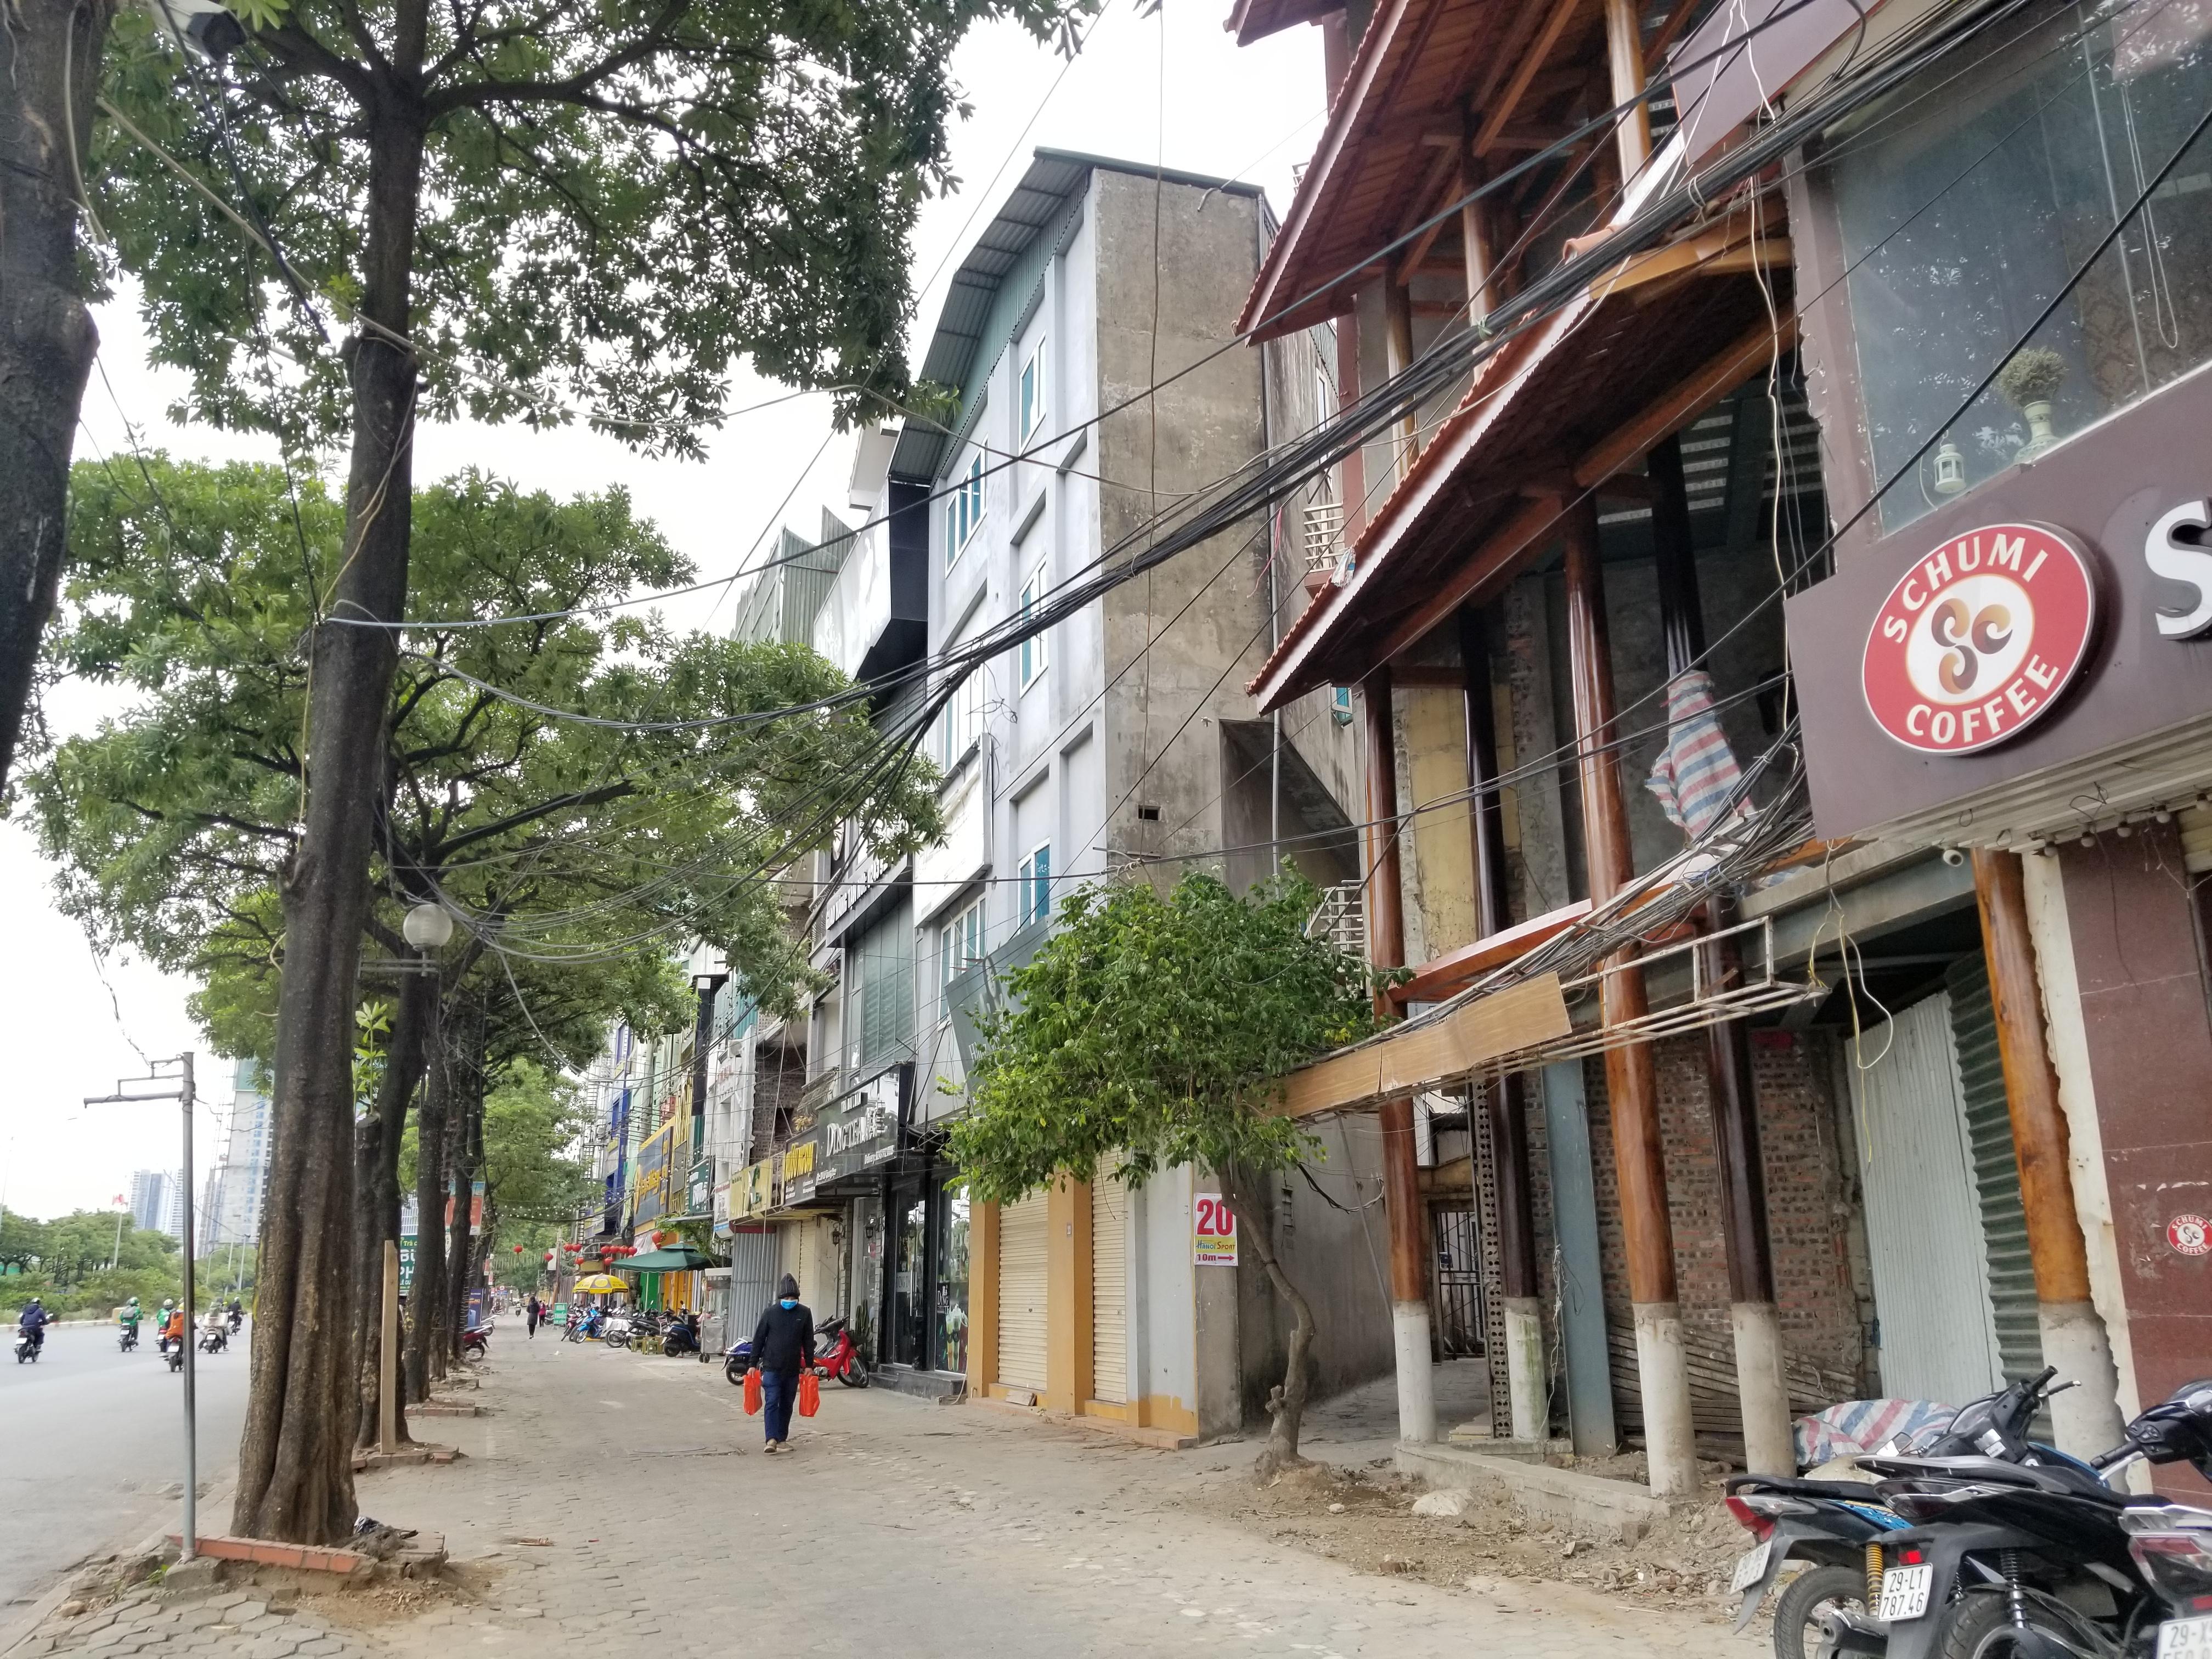 Đường Lê Quang Đạo (Phường Phú Đô) cũng là một trong những điểm nóng xây dựng trái phép trên đất nông nghiệp